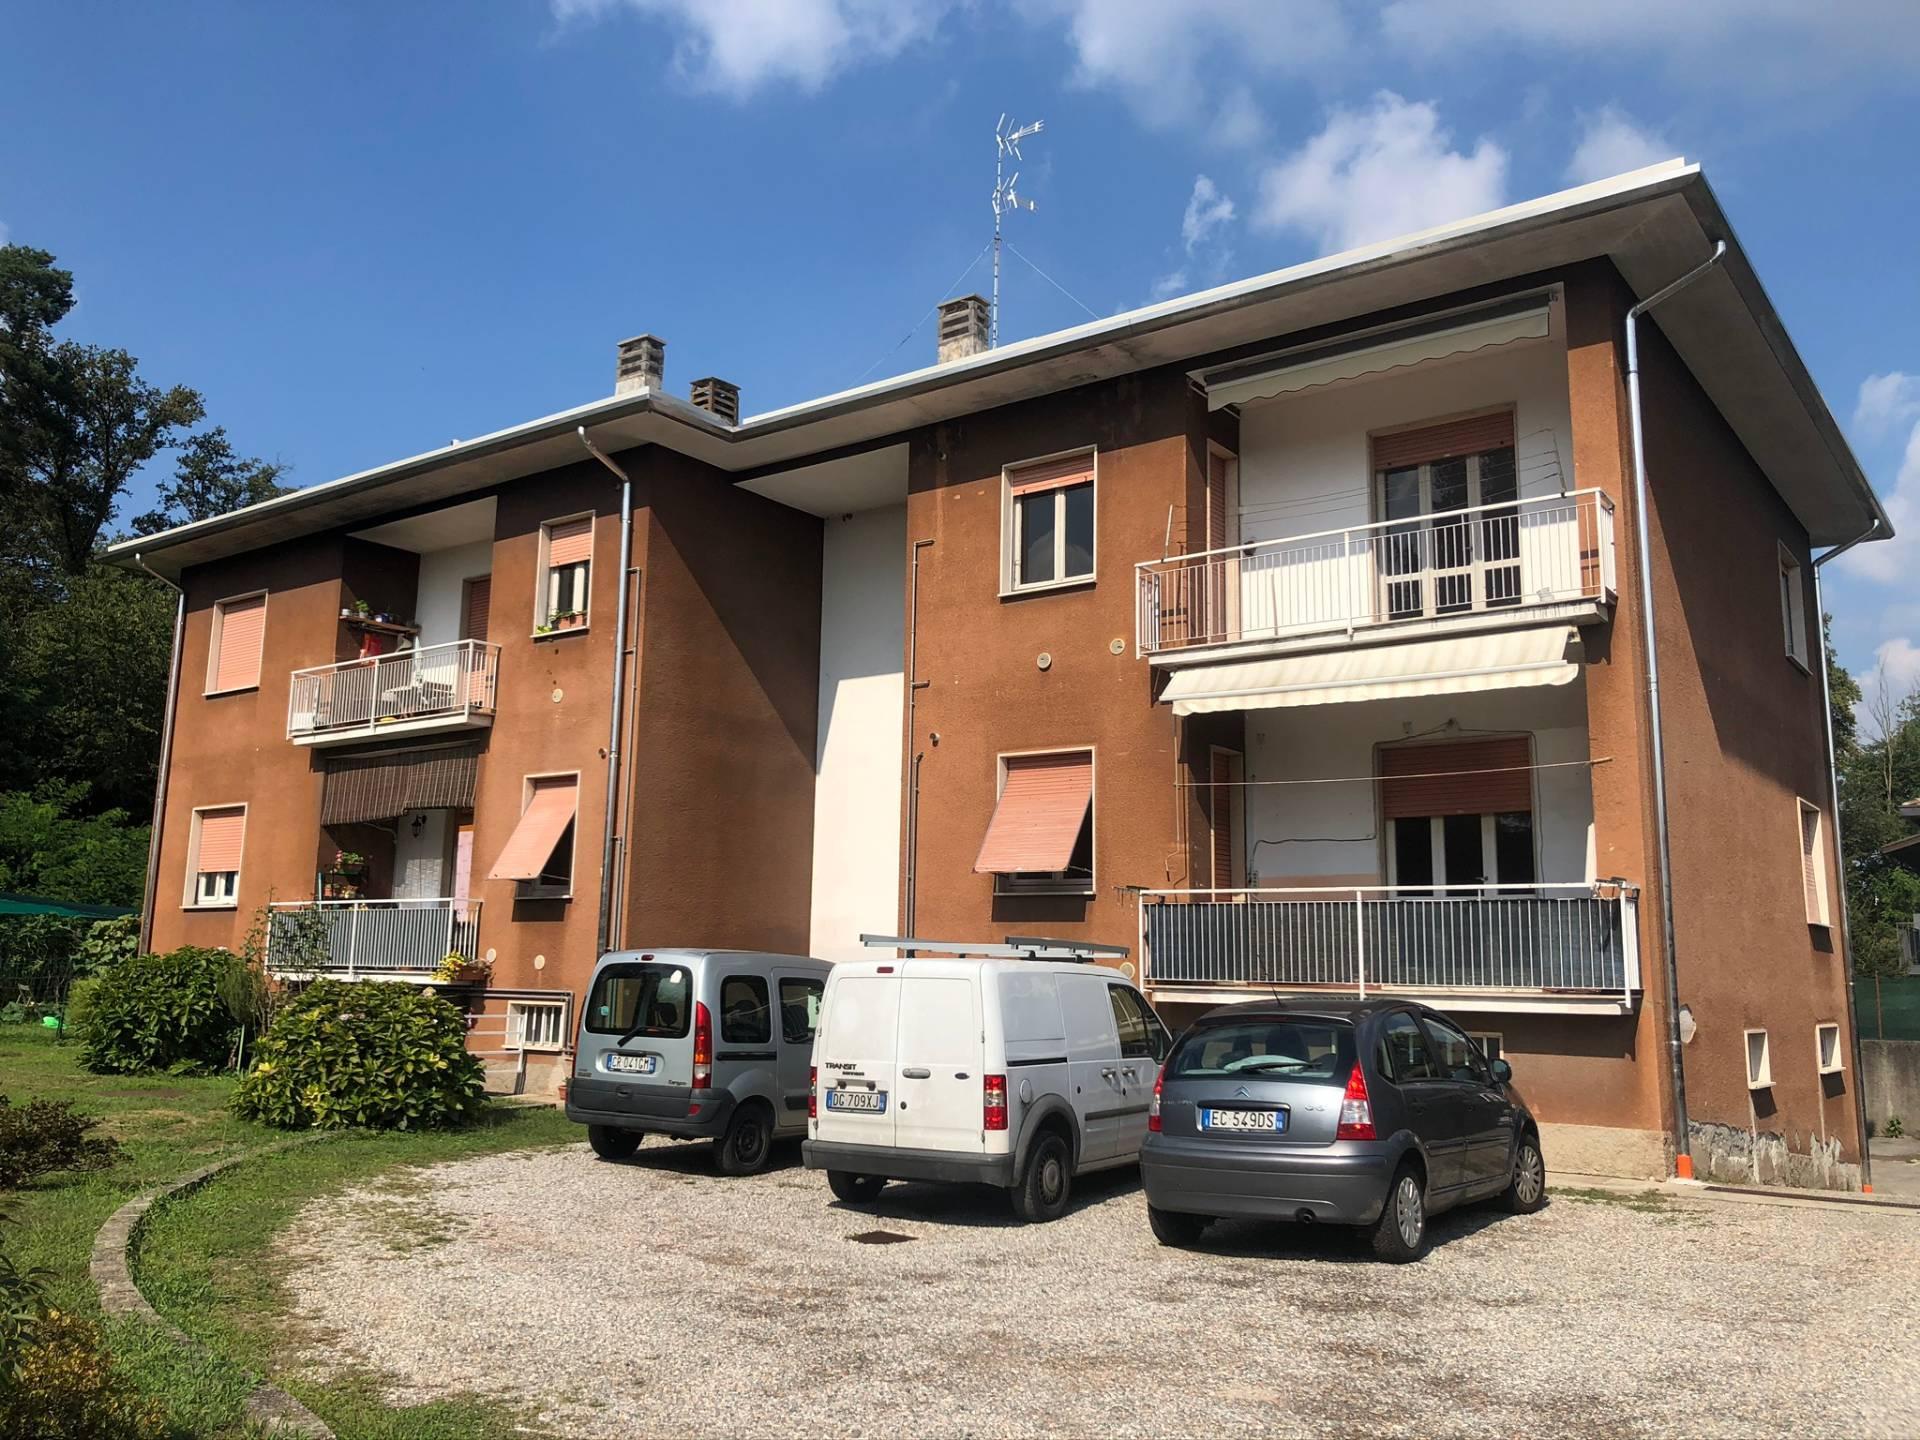 Appartamento in vendita a Besnate, 3 locali, prezzo € 100.000 | PortaleAgenzieImmobiliari.it